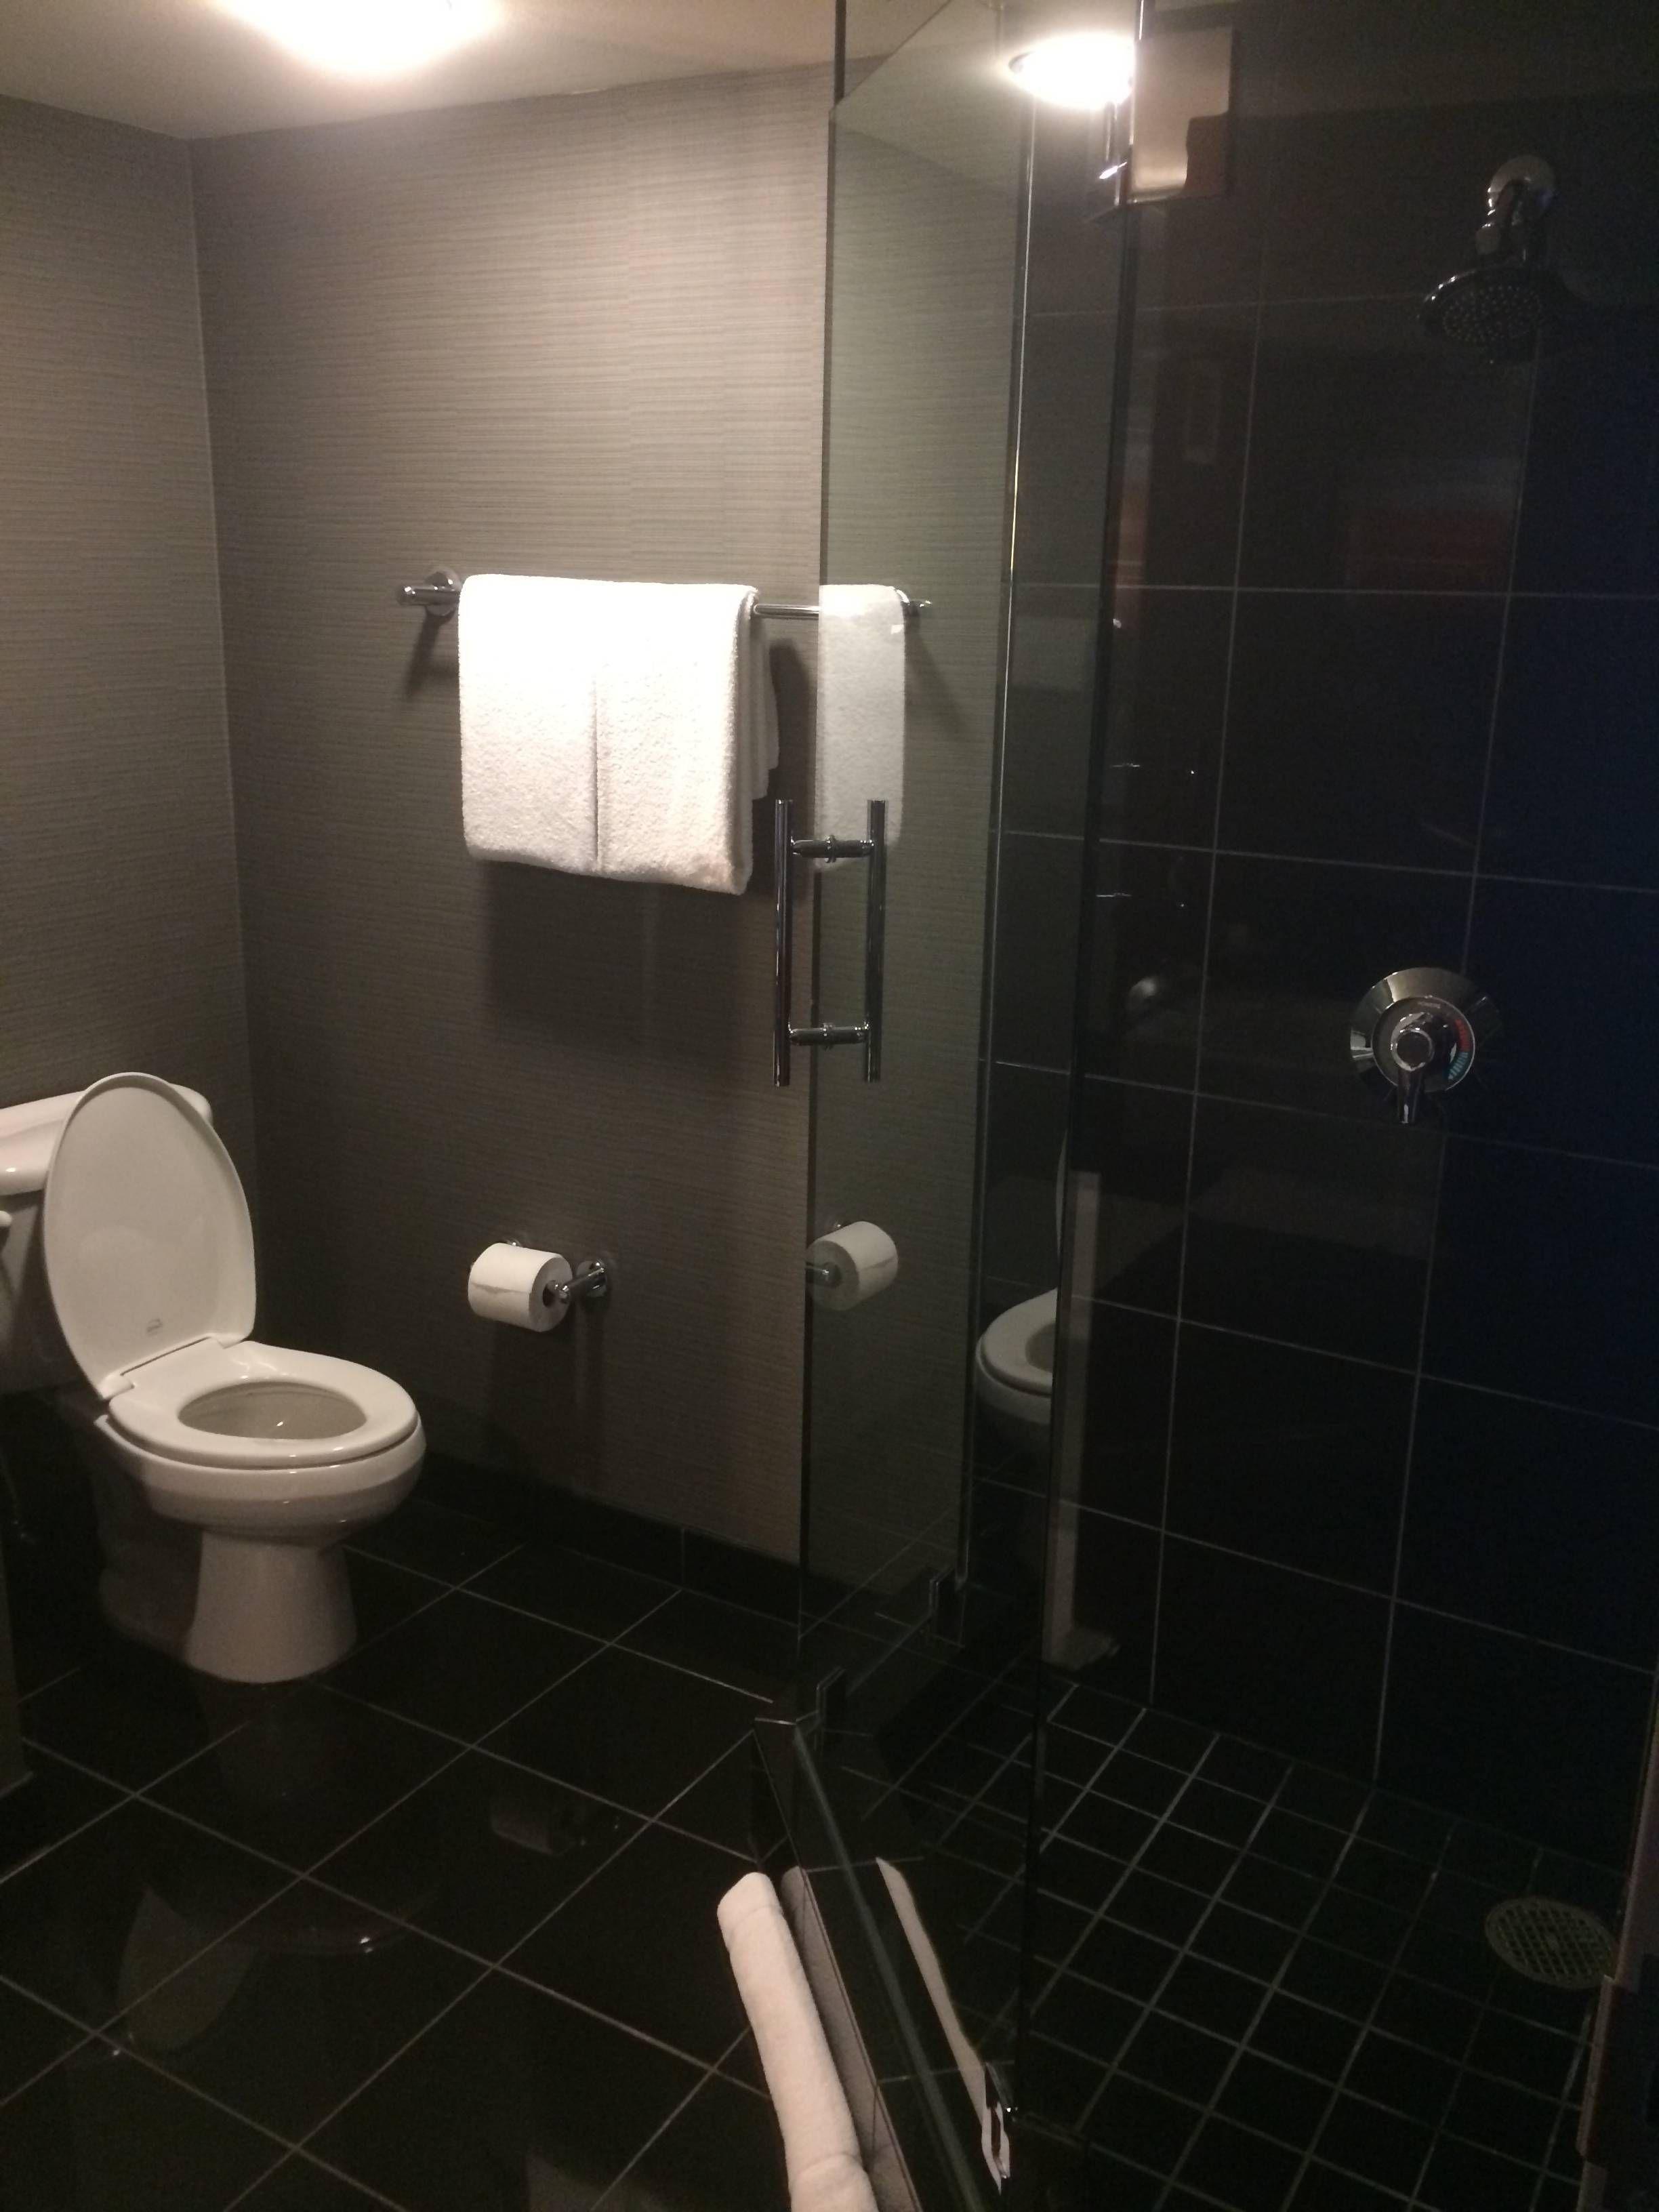 Banheiro Preto E Cinza Banheiro Preto E Bege Banheiros De Luxo Pequeno  #8A6441 2448 3264